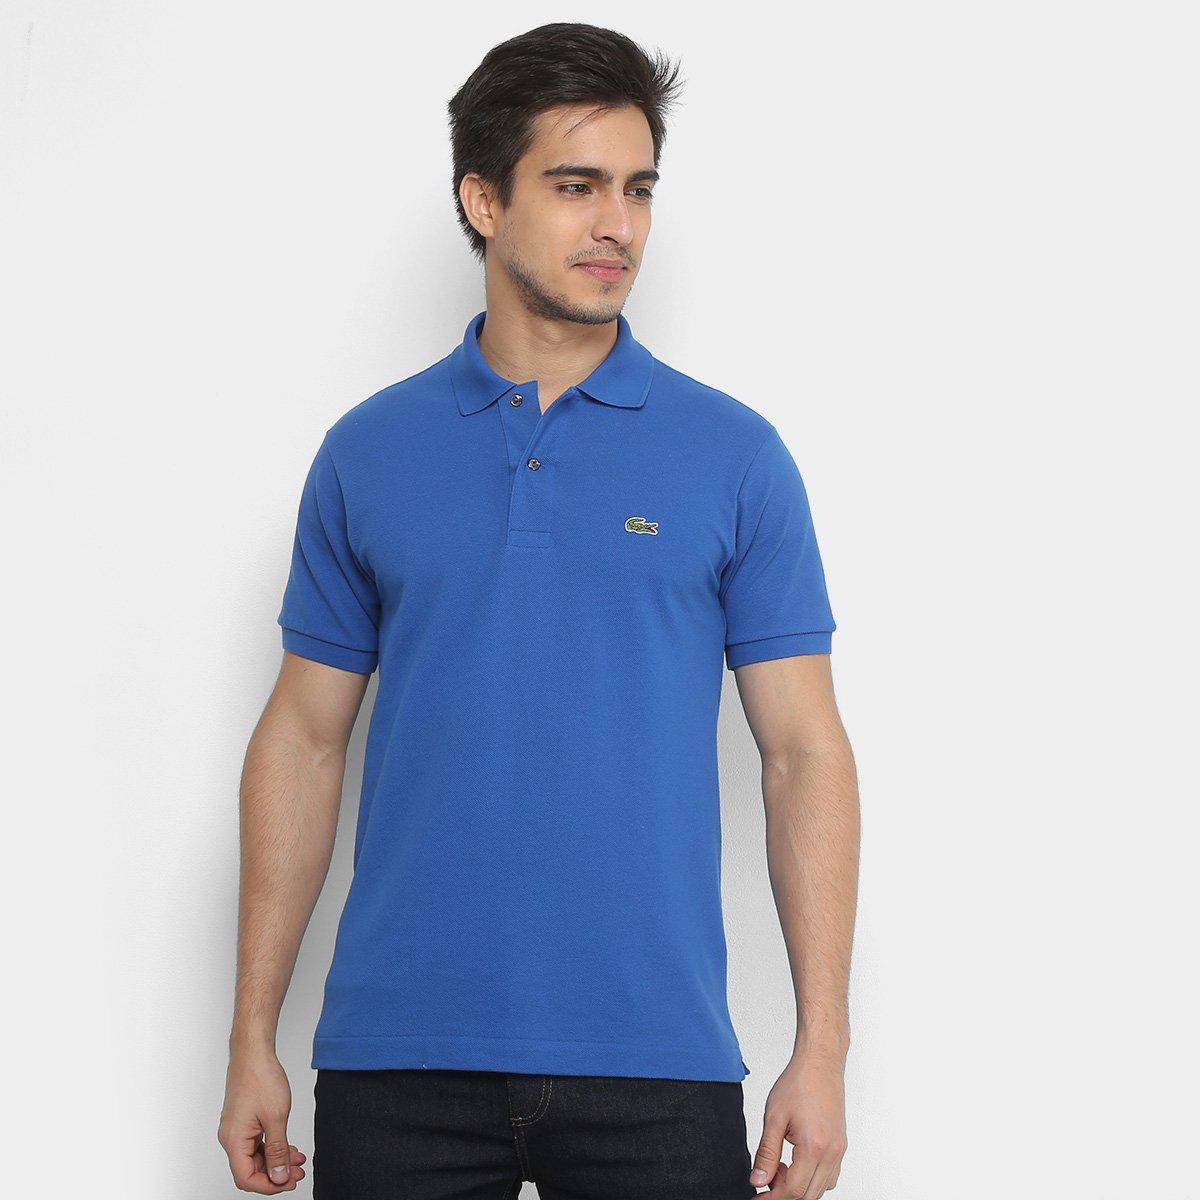 69b07f93a9bc1 Camisa Polo Lacoste Piquet Original Fit Masculina - Azul Navy - Compre Agora